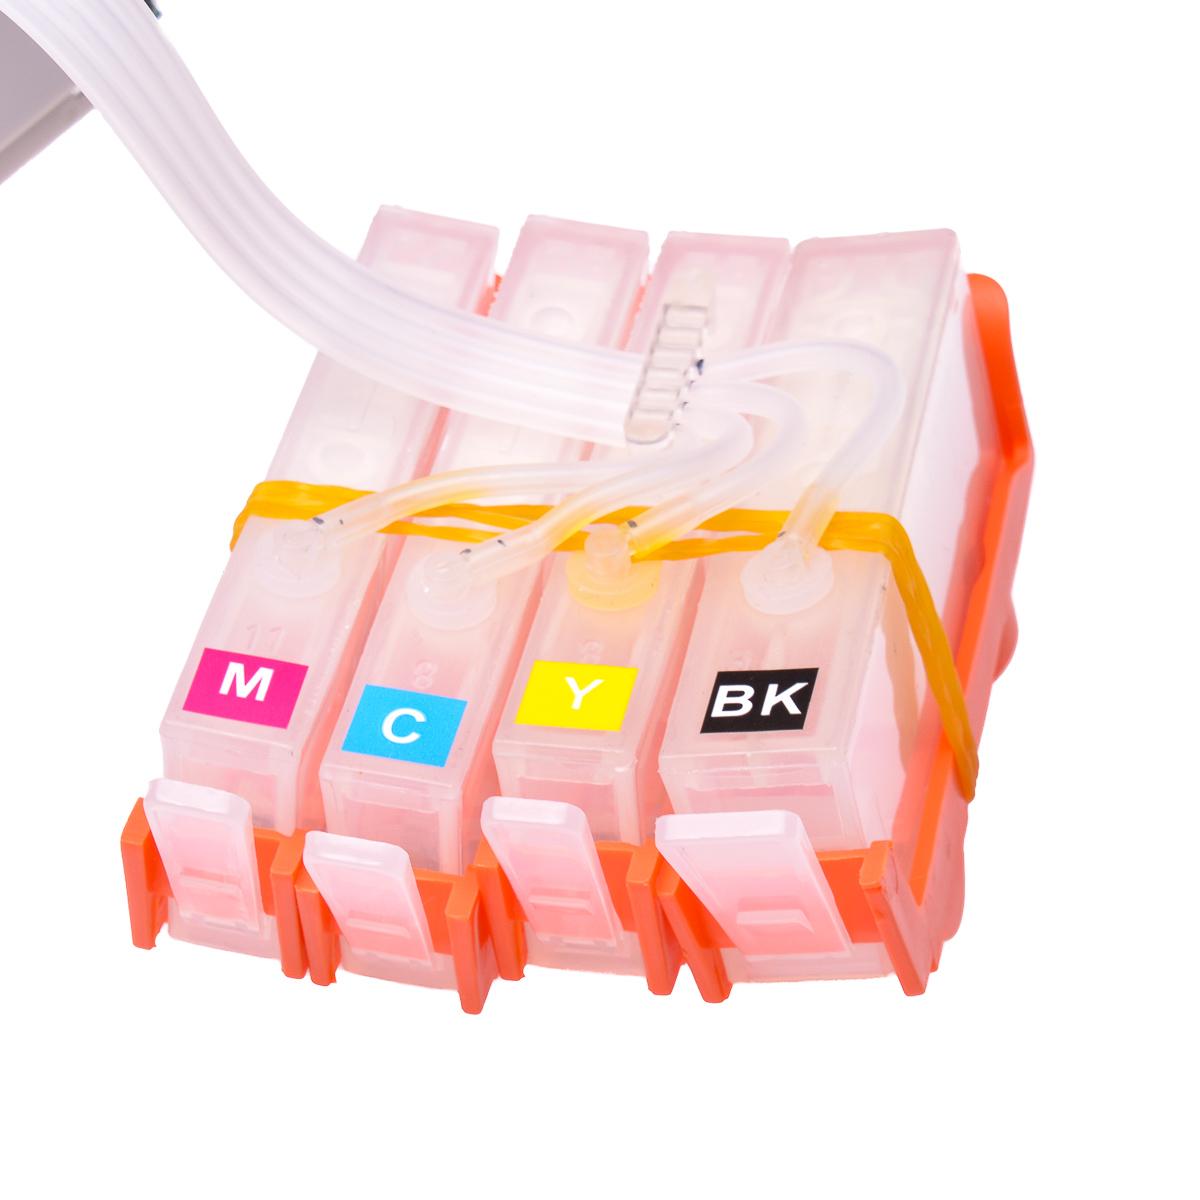 Ciss for HP Photosmart 5514, dye ink #3